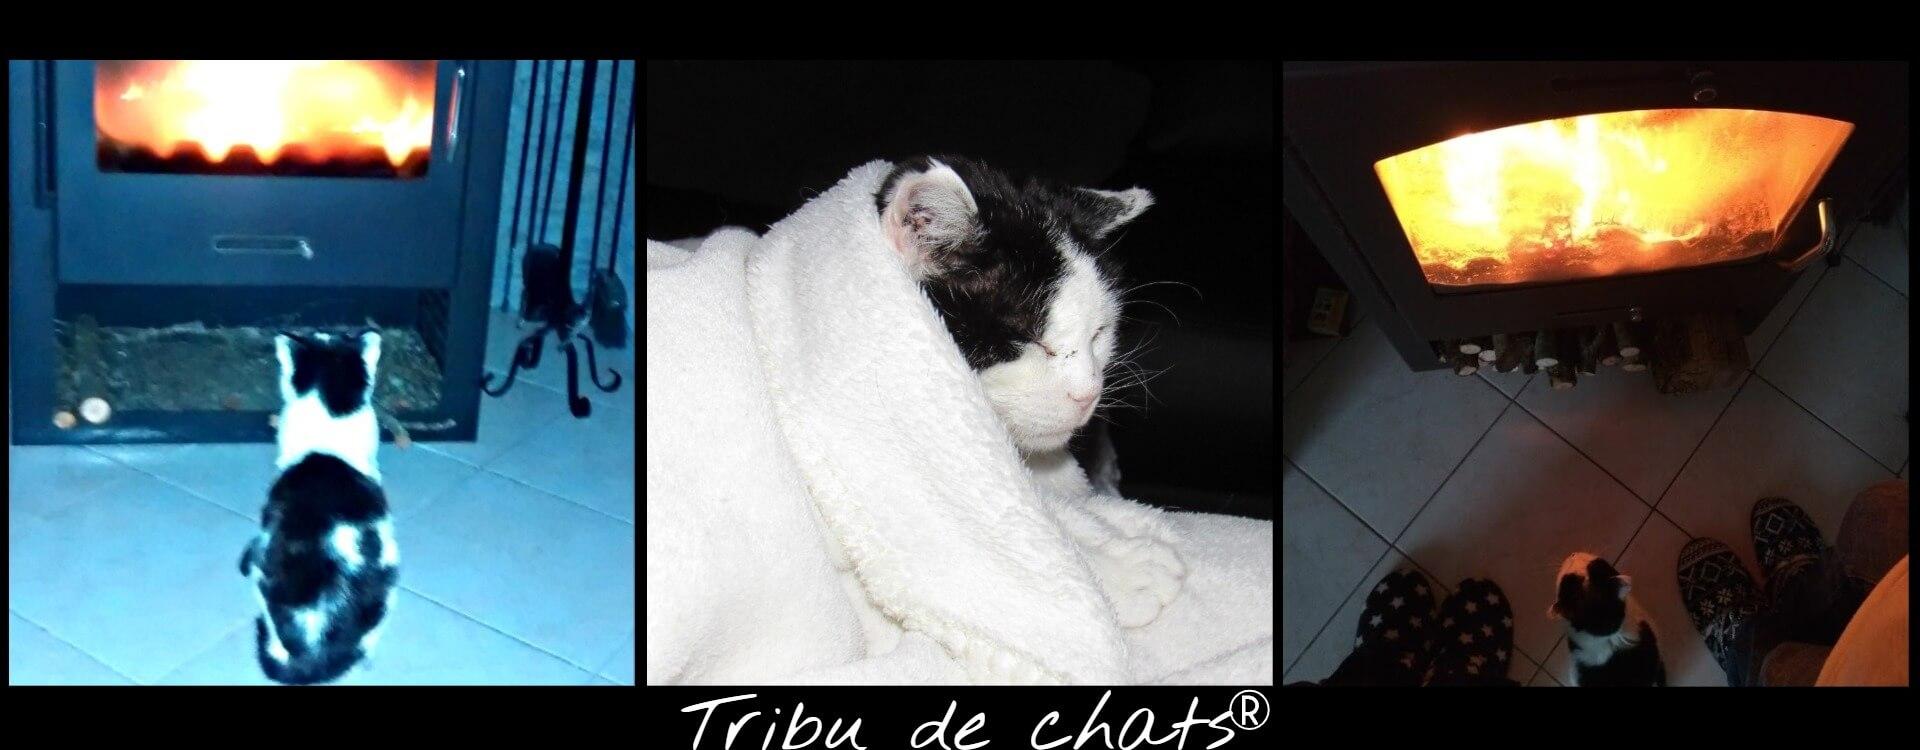 Joséphine_de_l_Tribu_de_chats_se_réchauffe_sous_un_plaid_ou_devant_le_feu